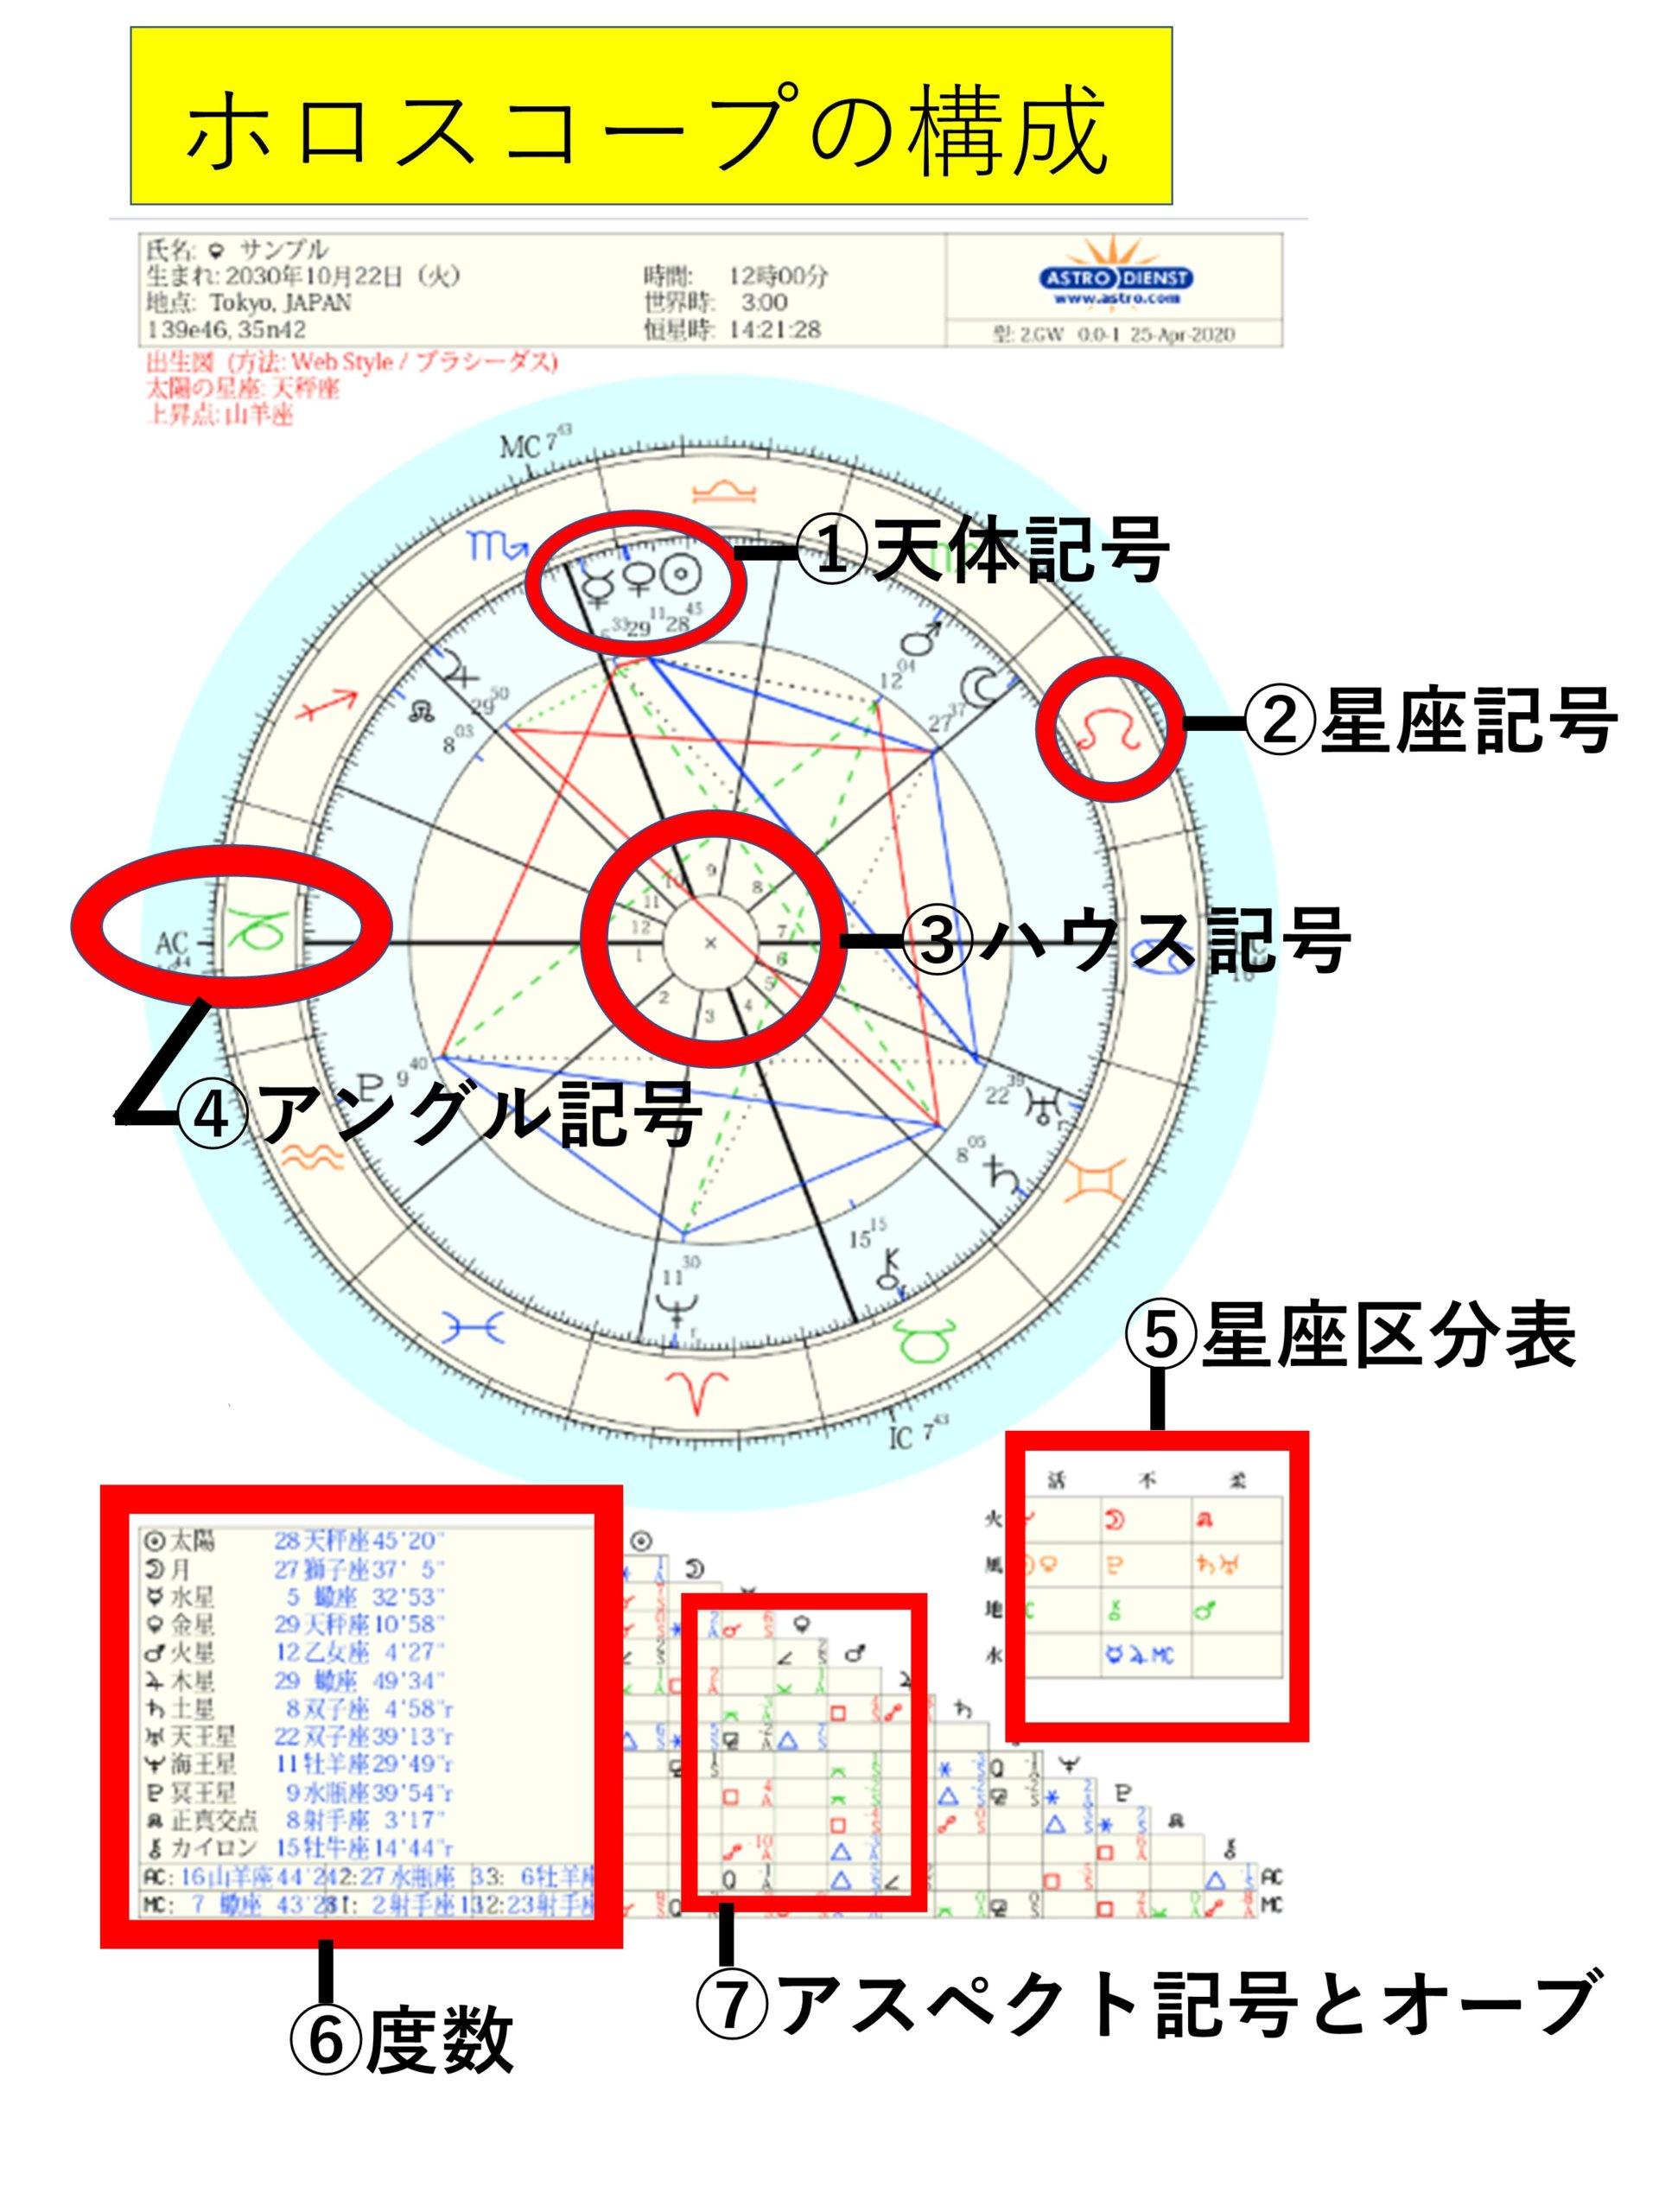 ホロスコープの記号の構成